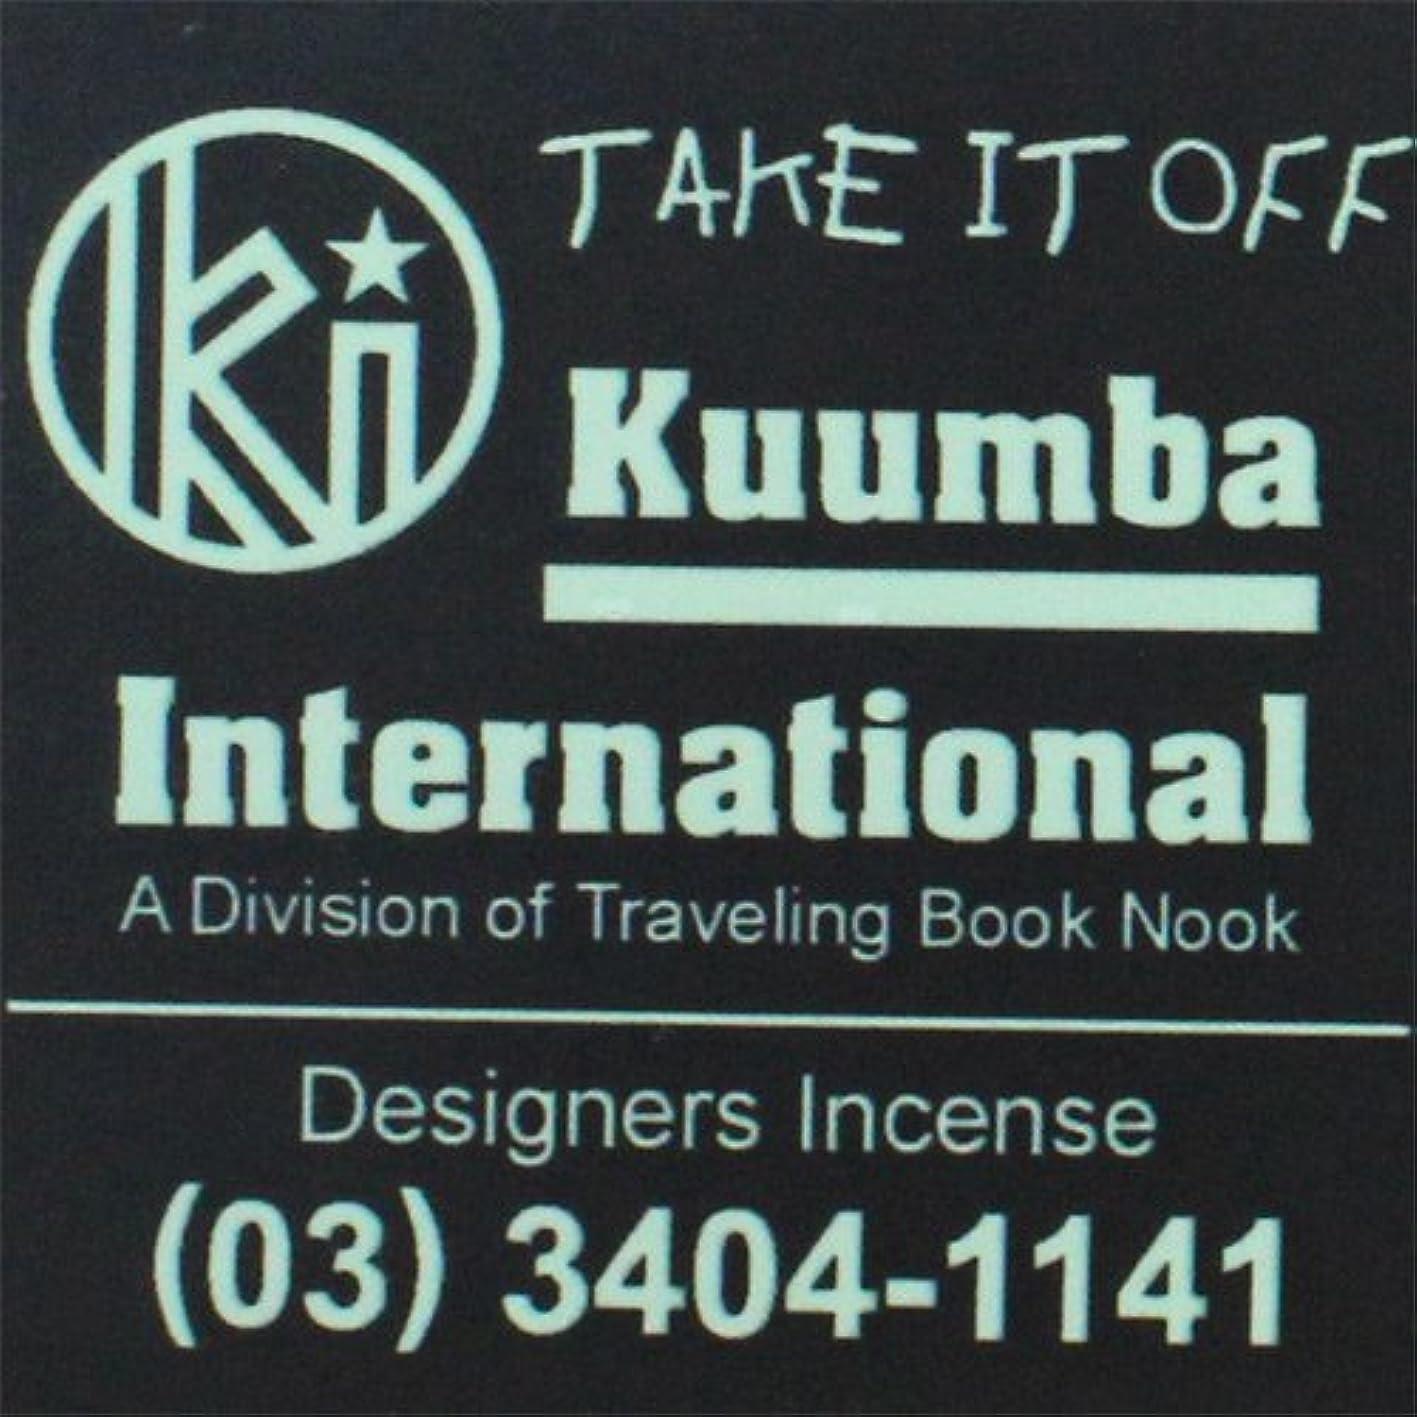 フェローシップひまわり立方体KUUMBA / クンバ『incense』(TAKE IT OFF) (Regular size)